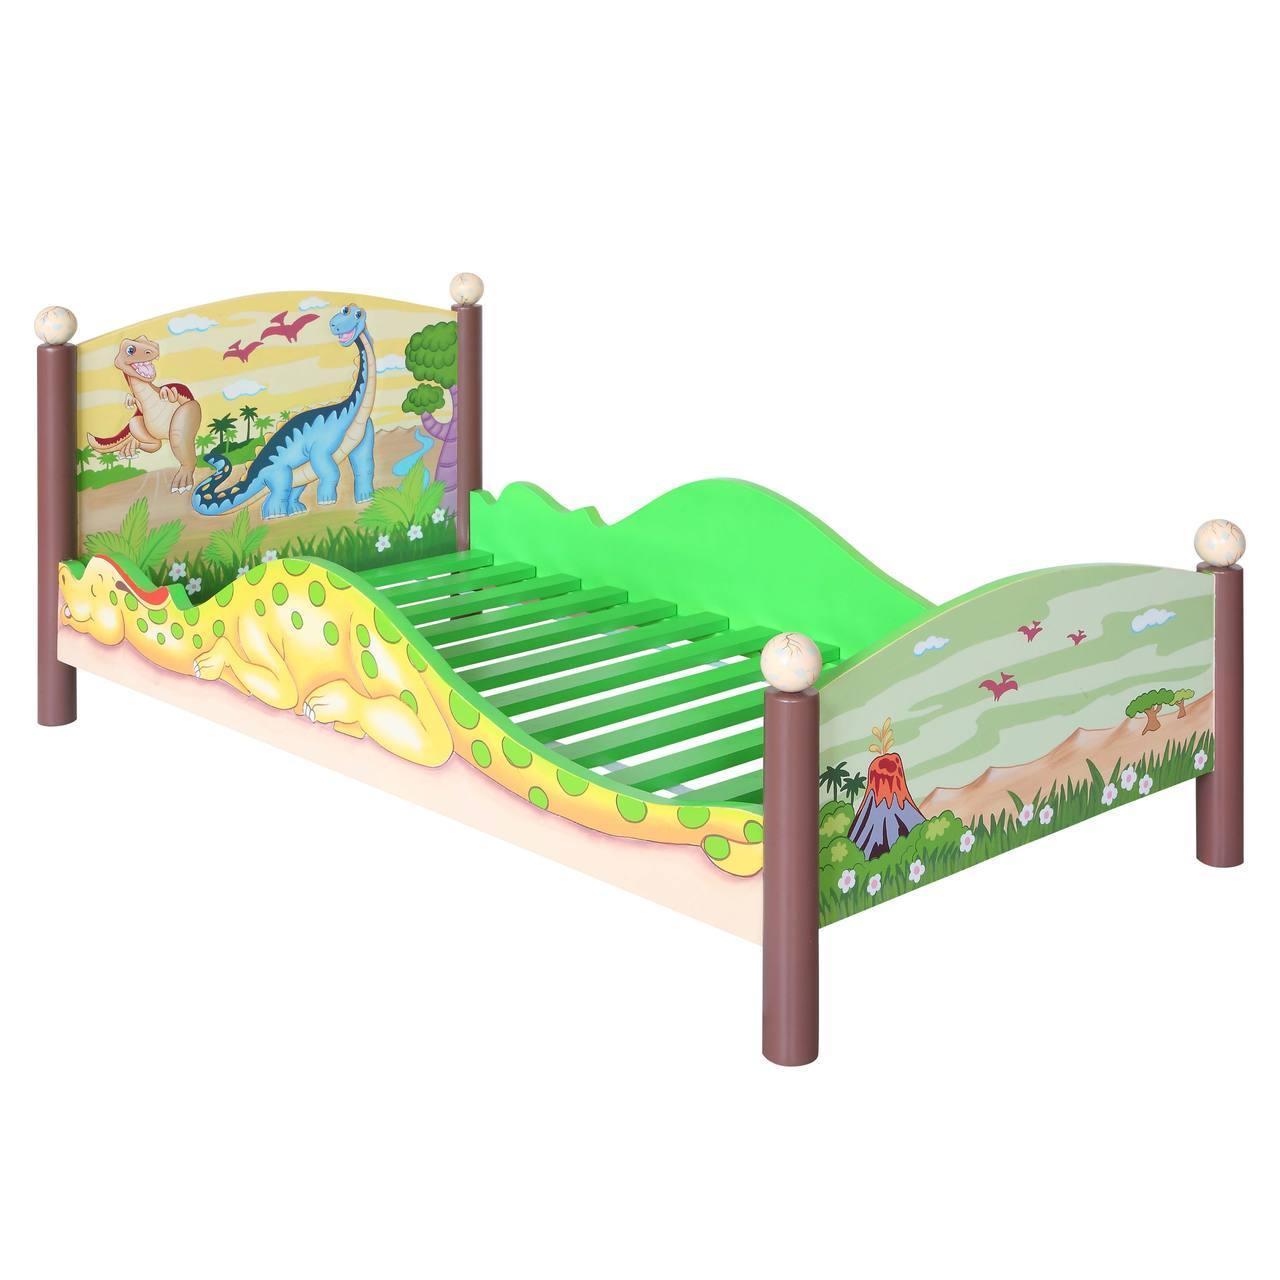 Dinosaur Toddler Bed Sets